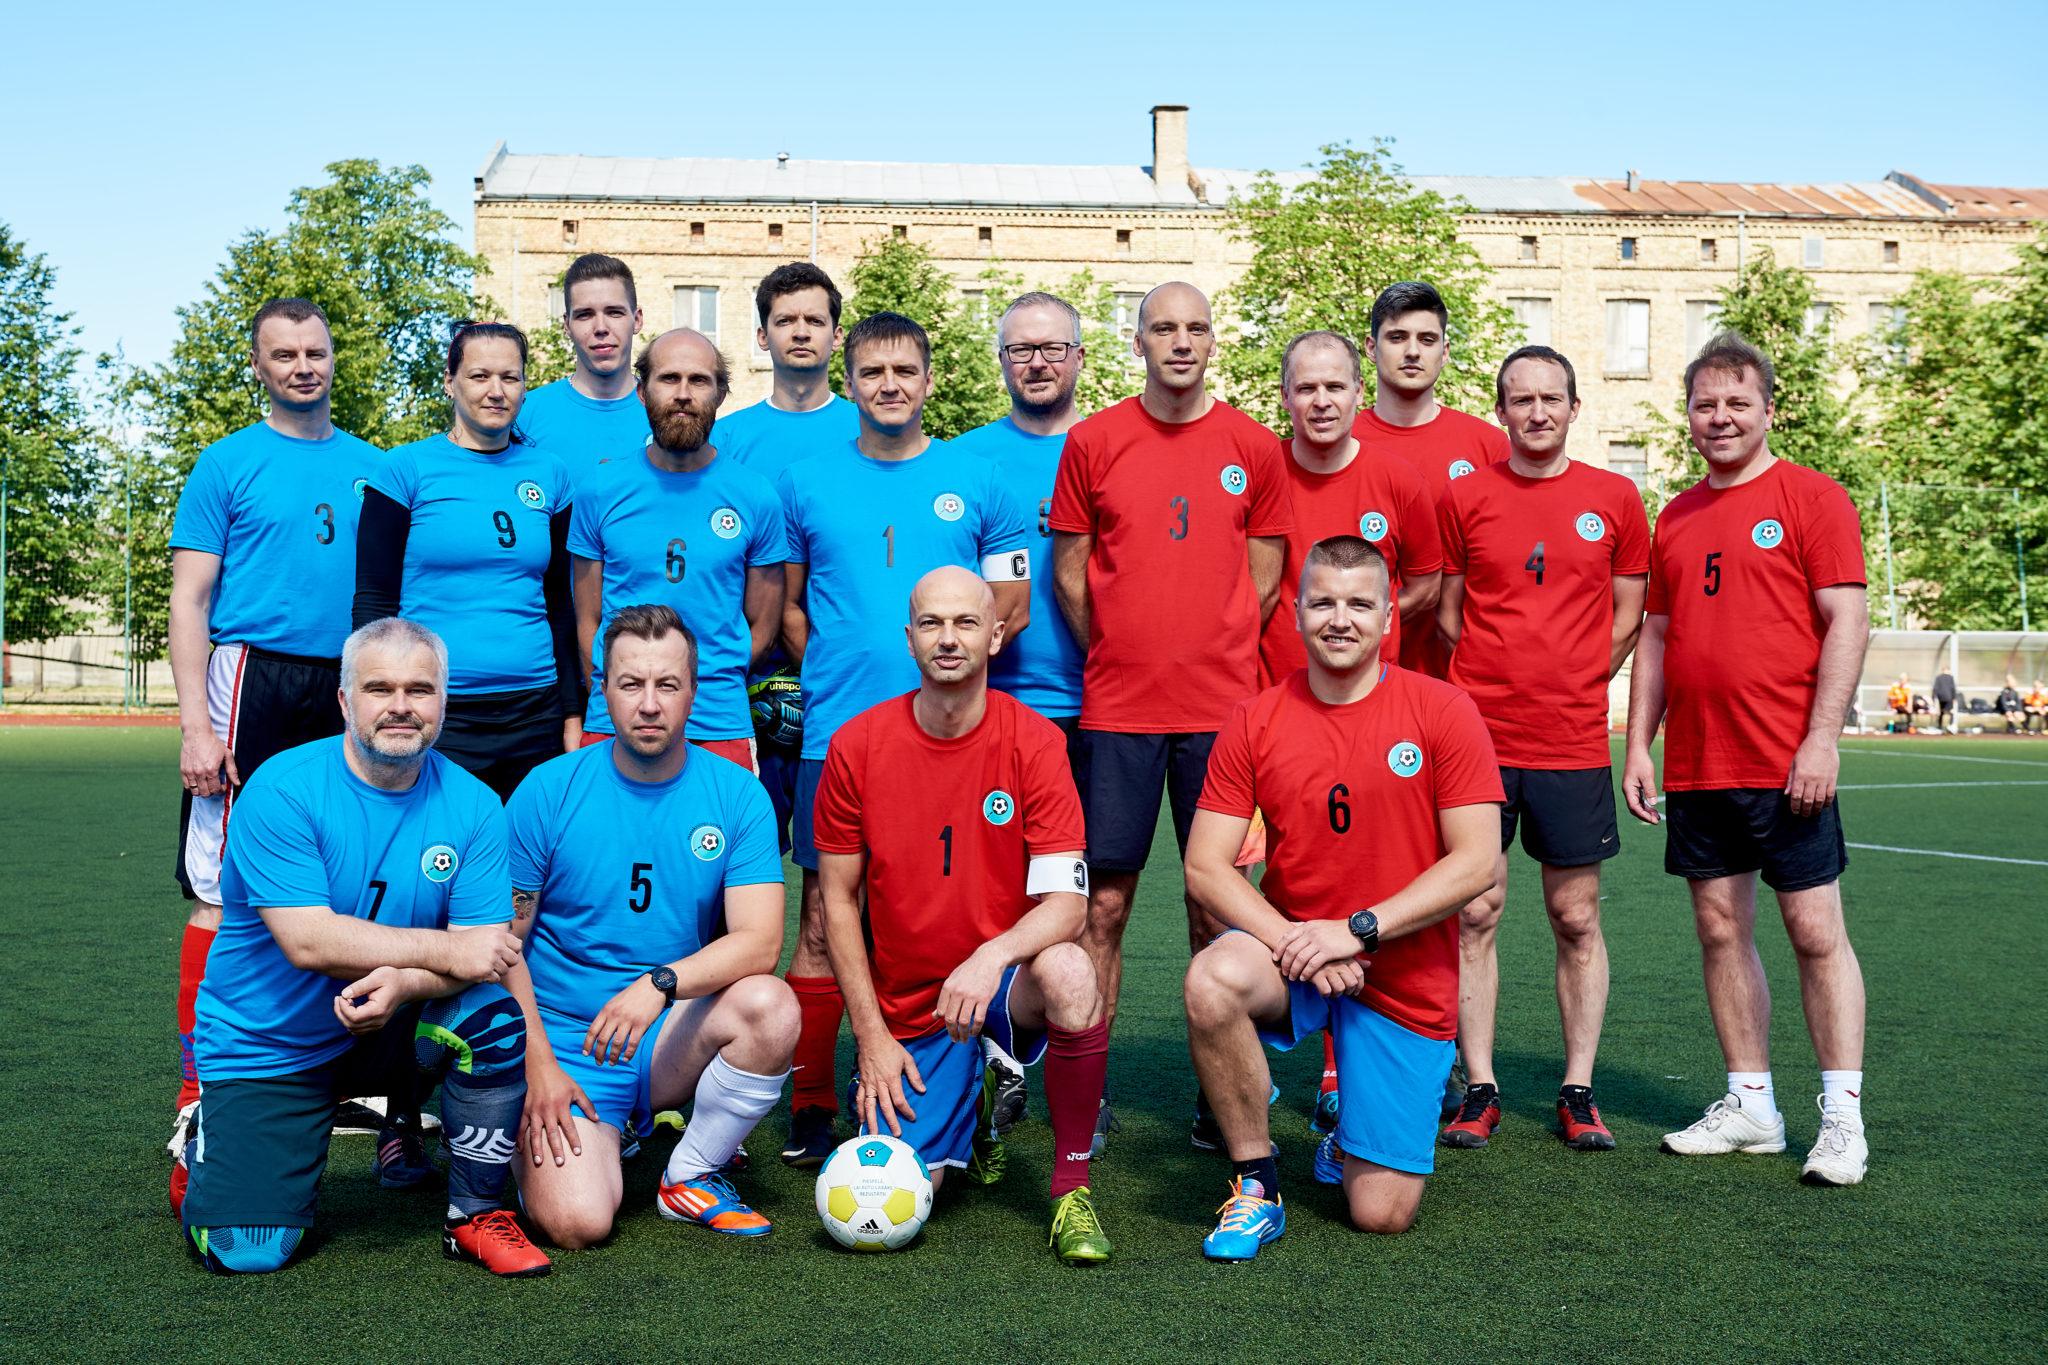 Ar futbola spēli aizsāk cīņu pret administratīvo slogu